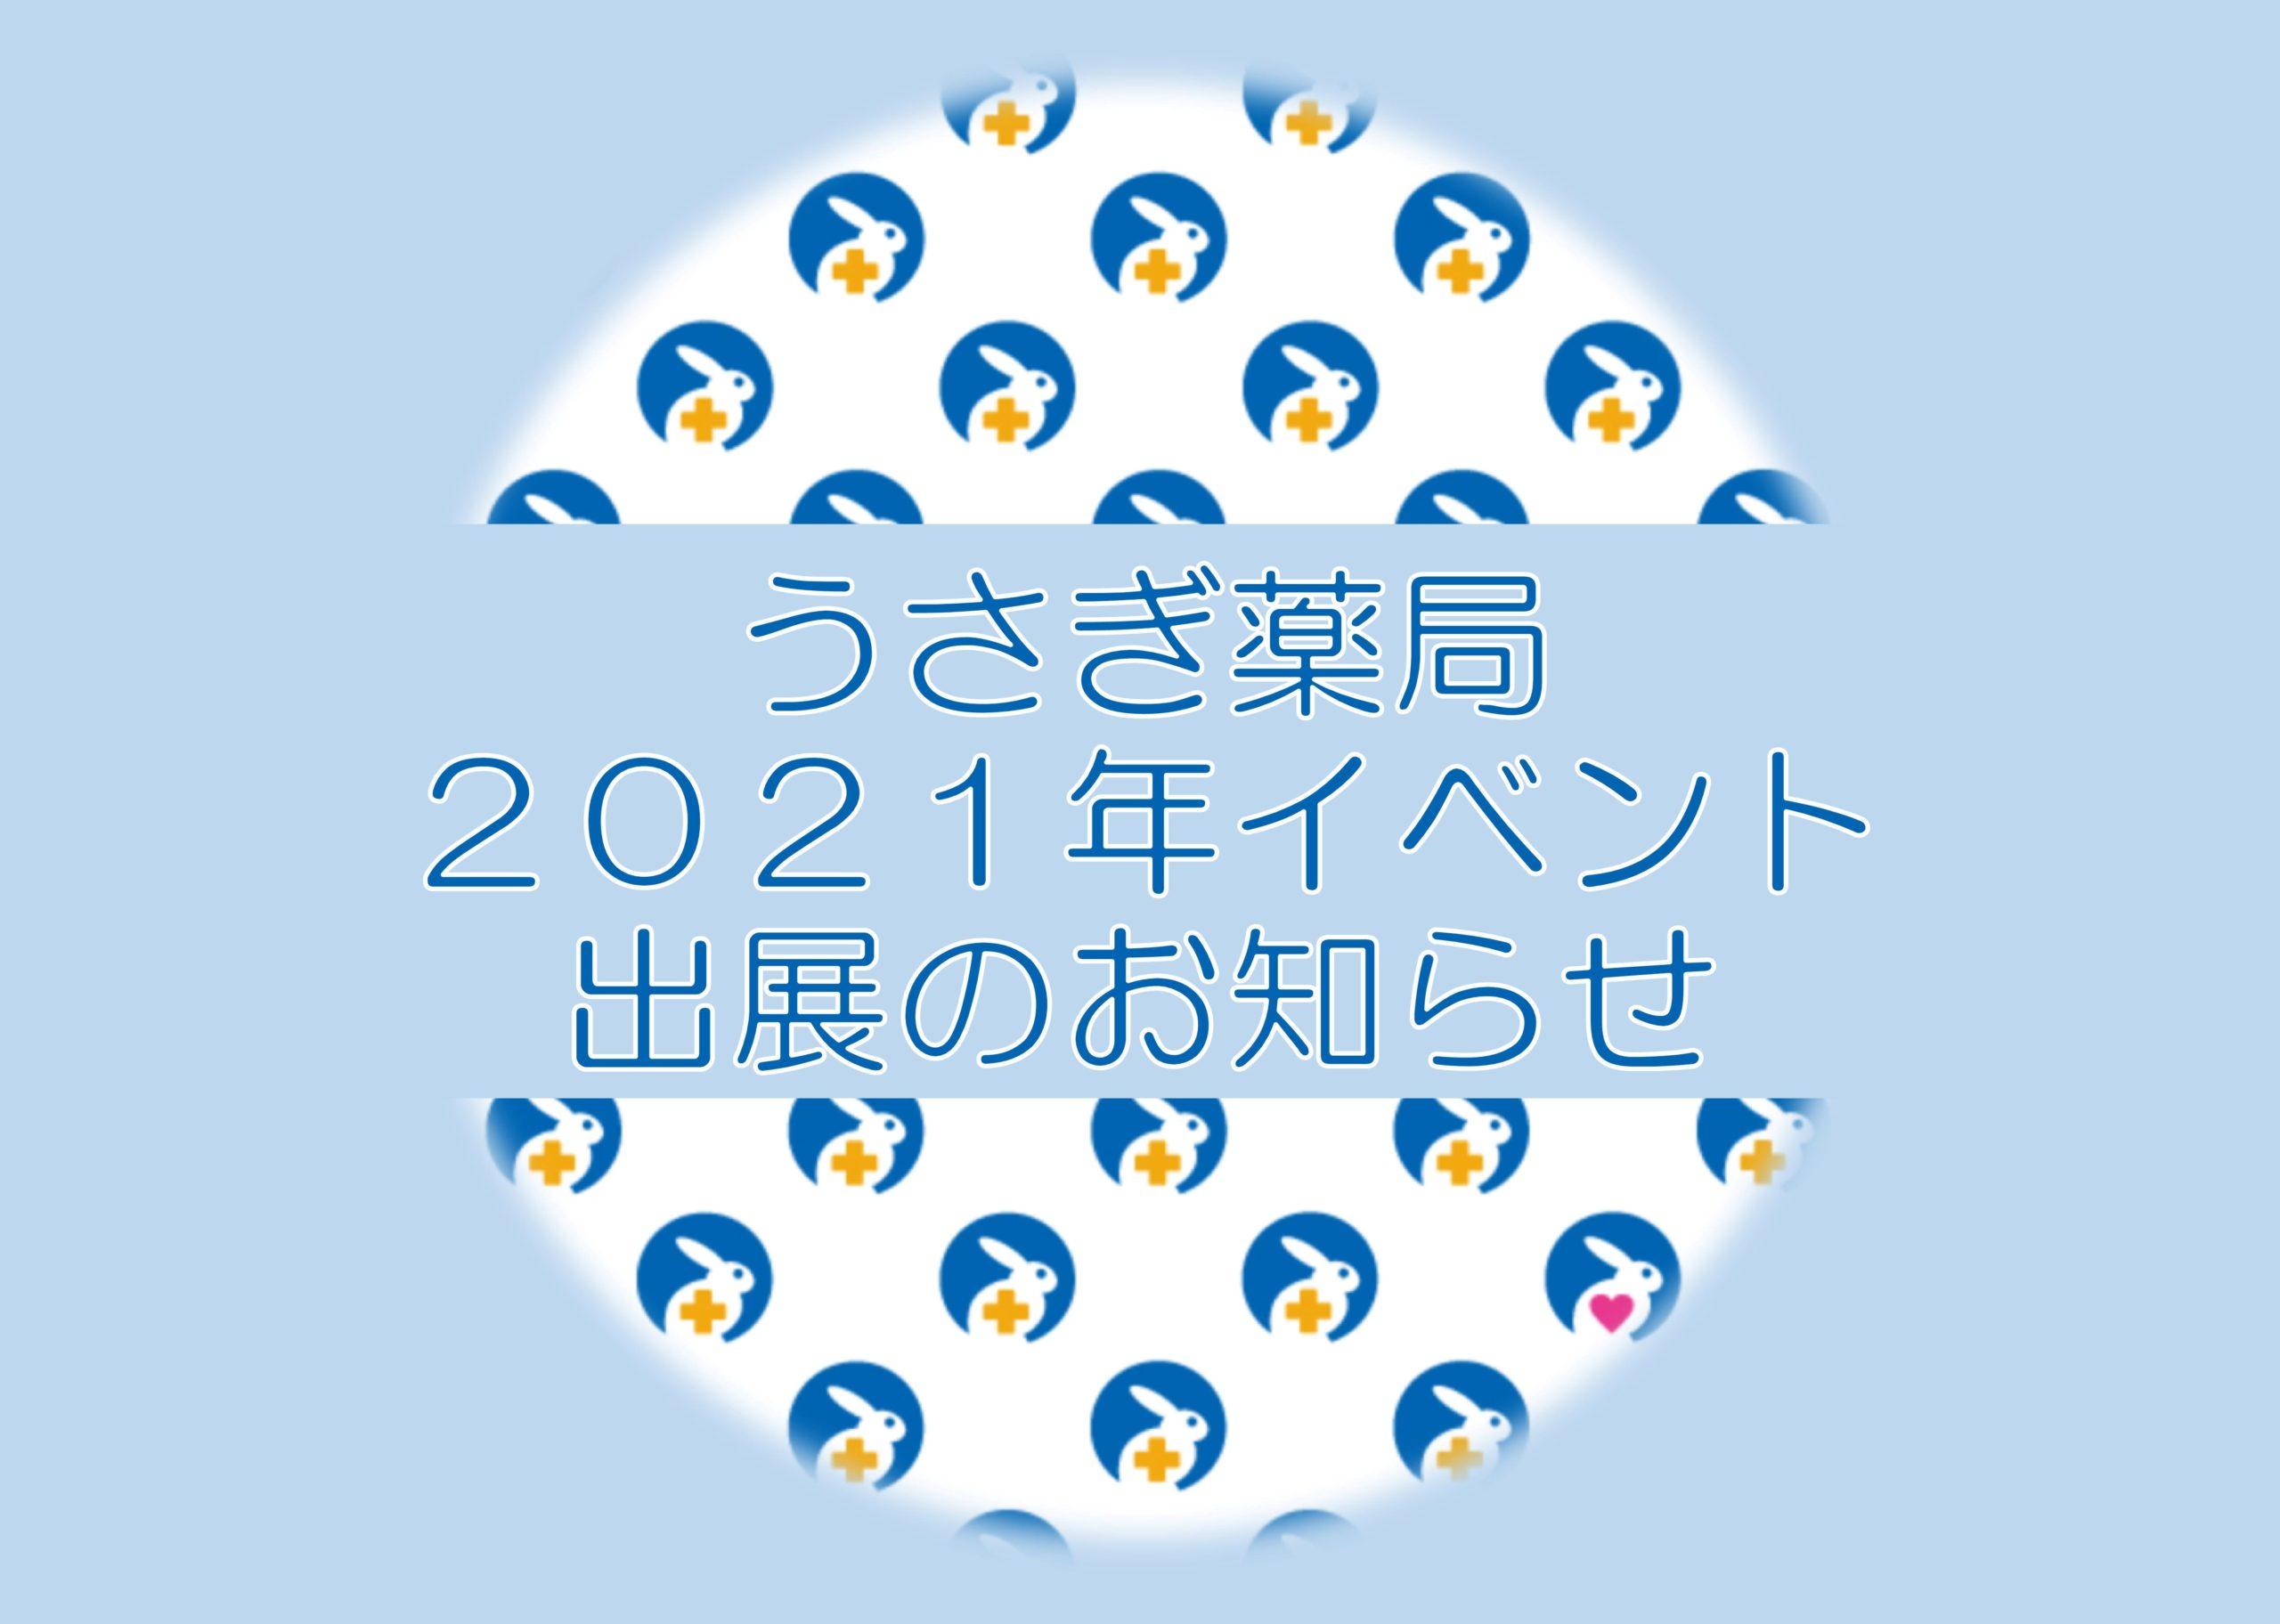 2022年卒薬学生向け【今後のイベント出展予定のお知らせ】